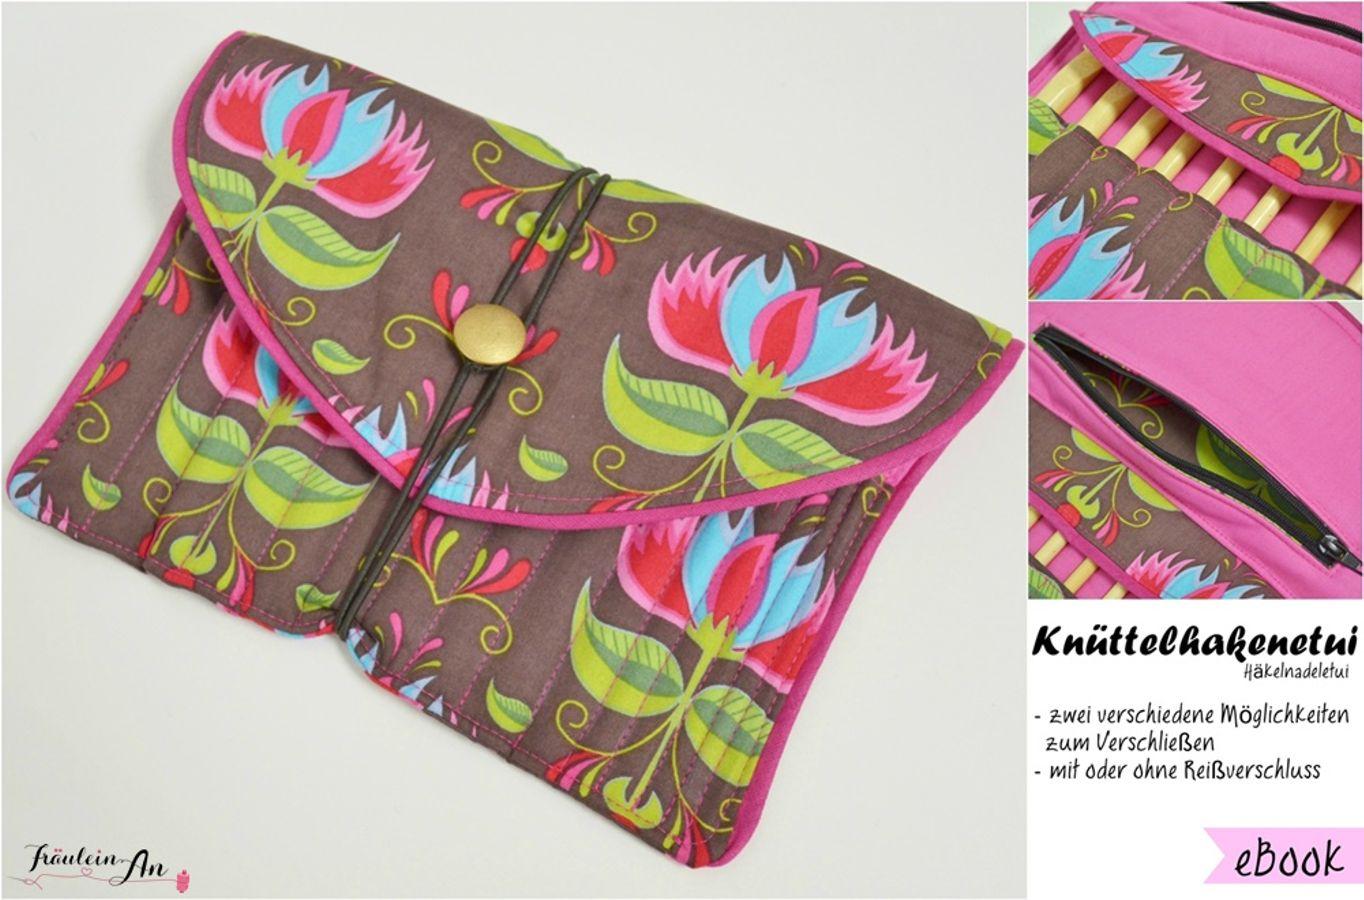 Produktfoto von Fräulein An für Schnittmuster Knüttelhakenetui